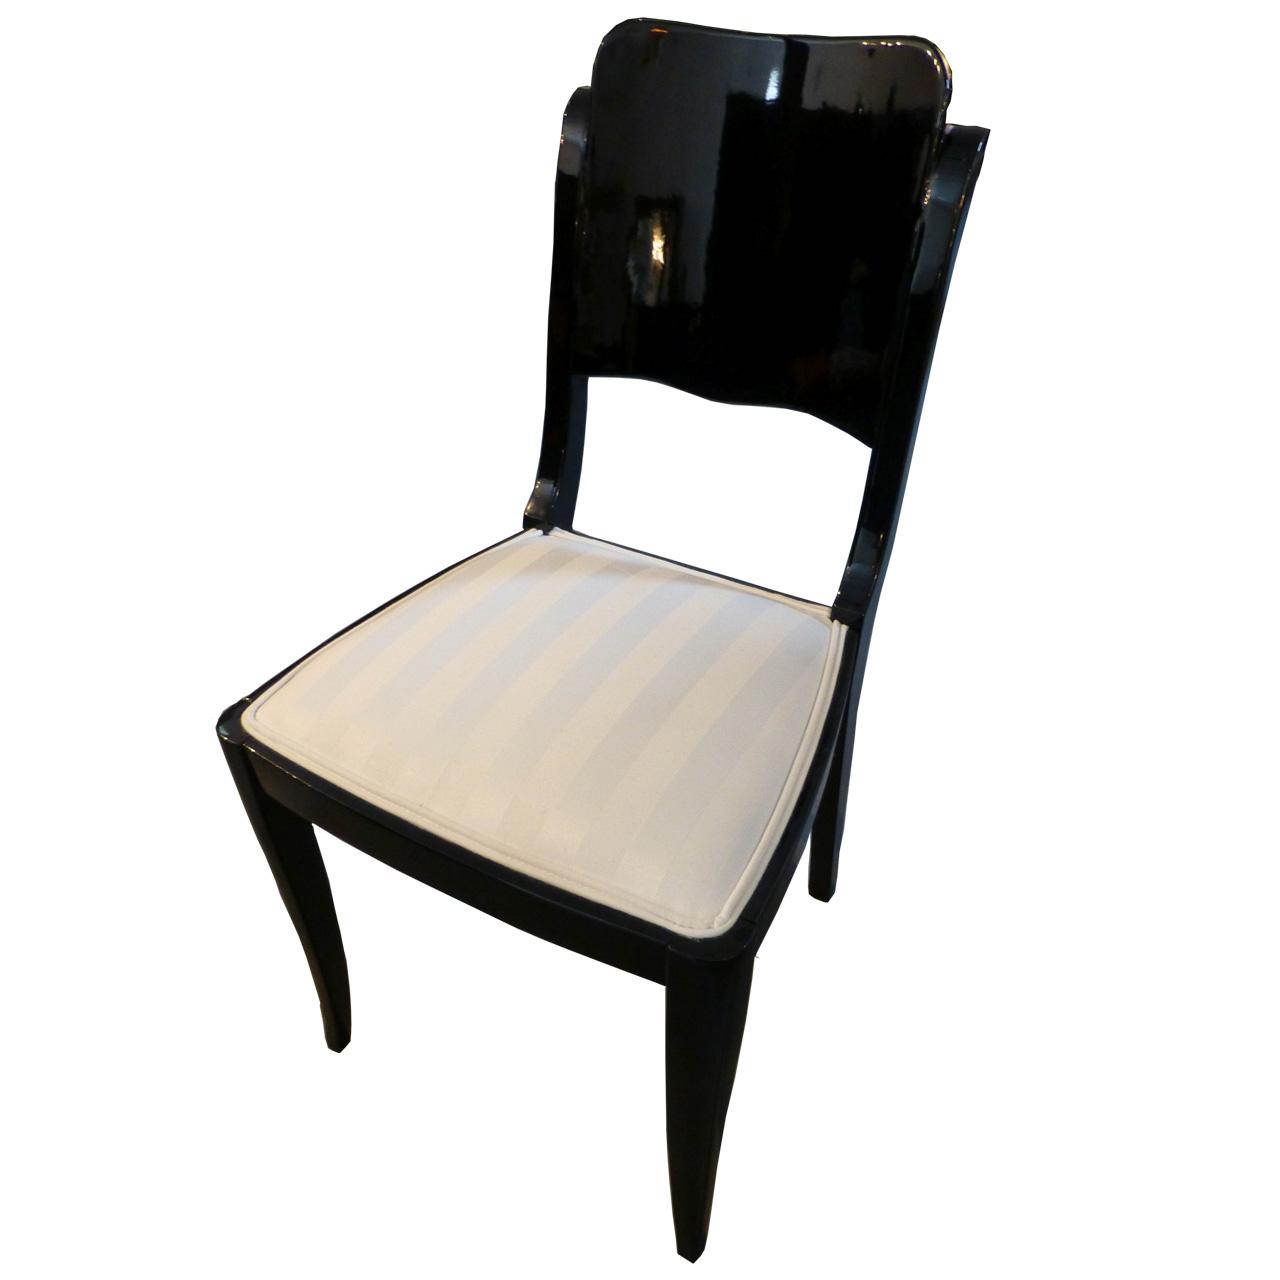 3213 4 Art Deco Stühle mit creme-weissem Polsterstoff, aus Frankreich, schwarz hochglanz poliert